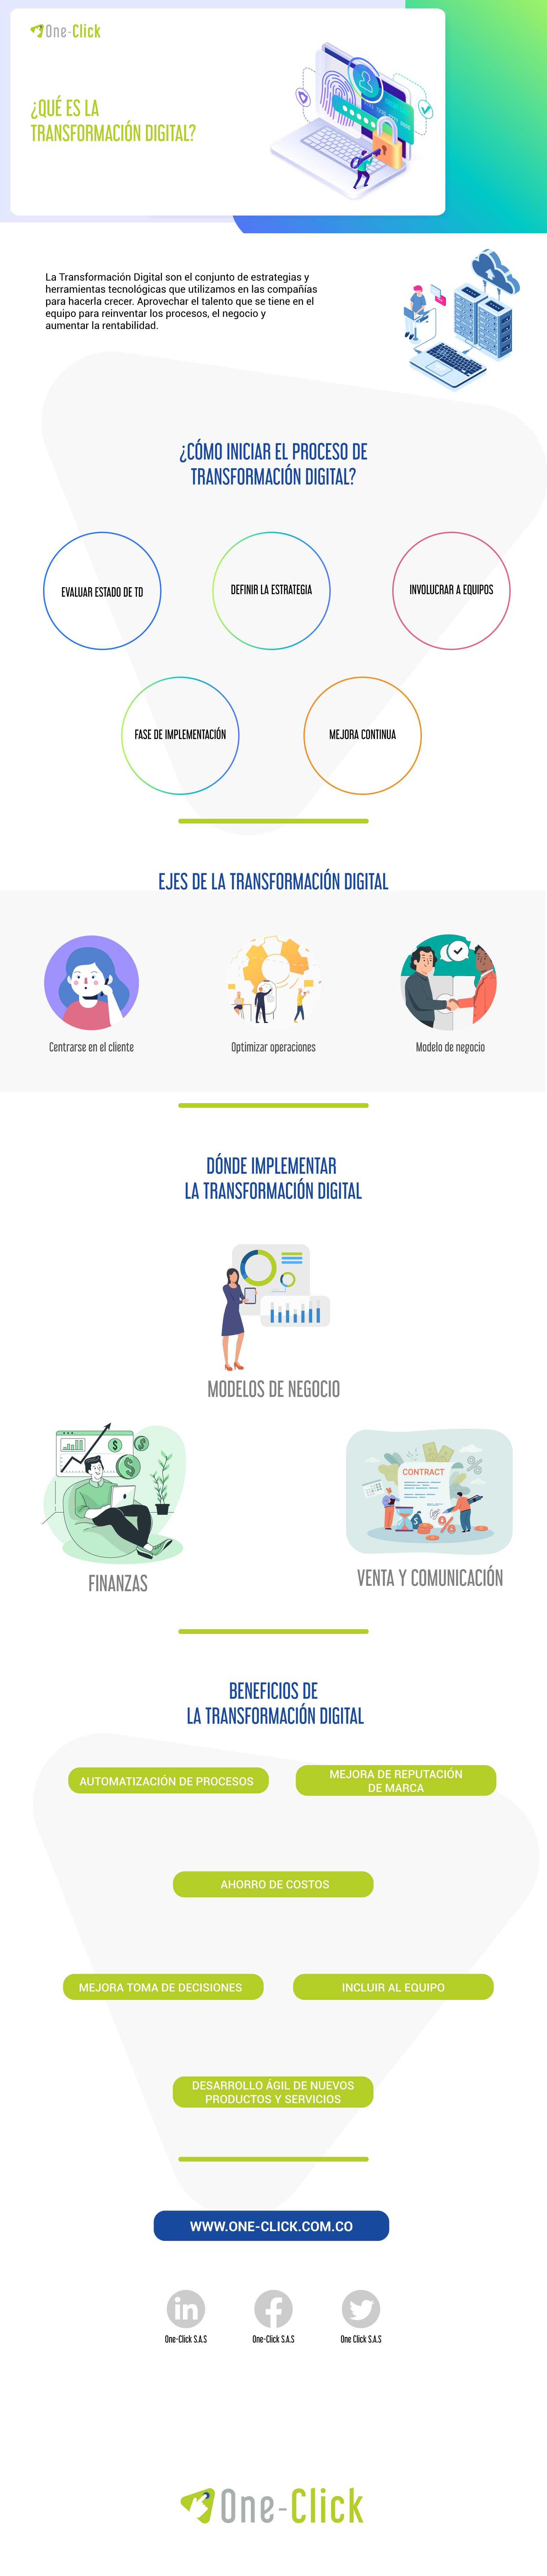 Transformación digital, infografía